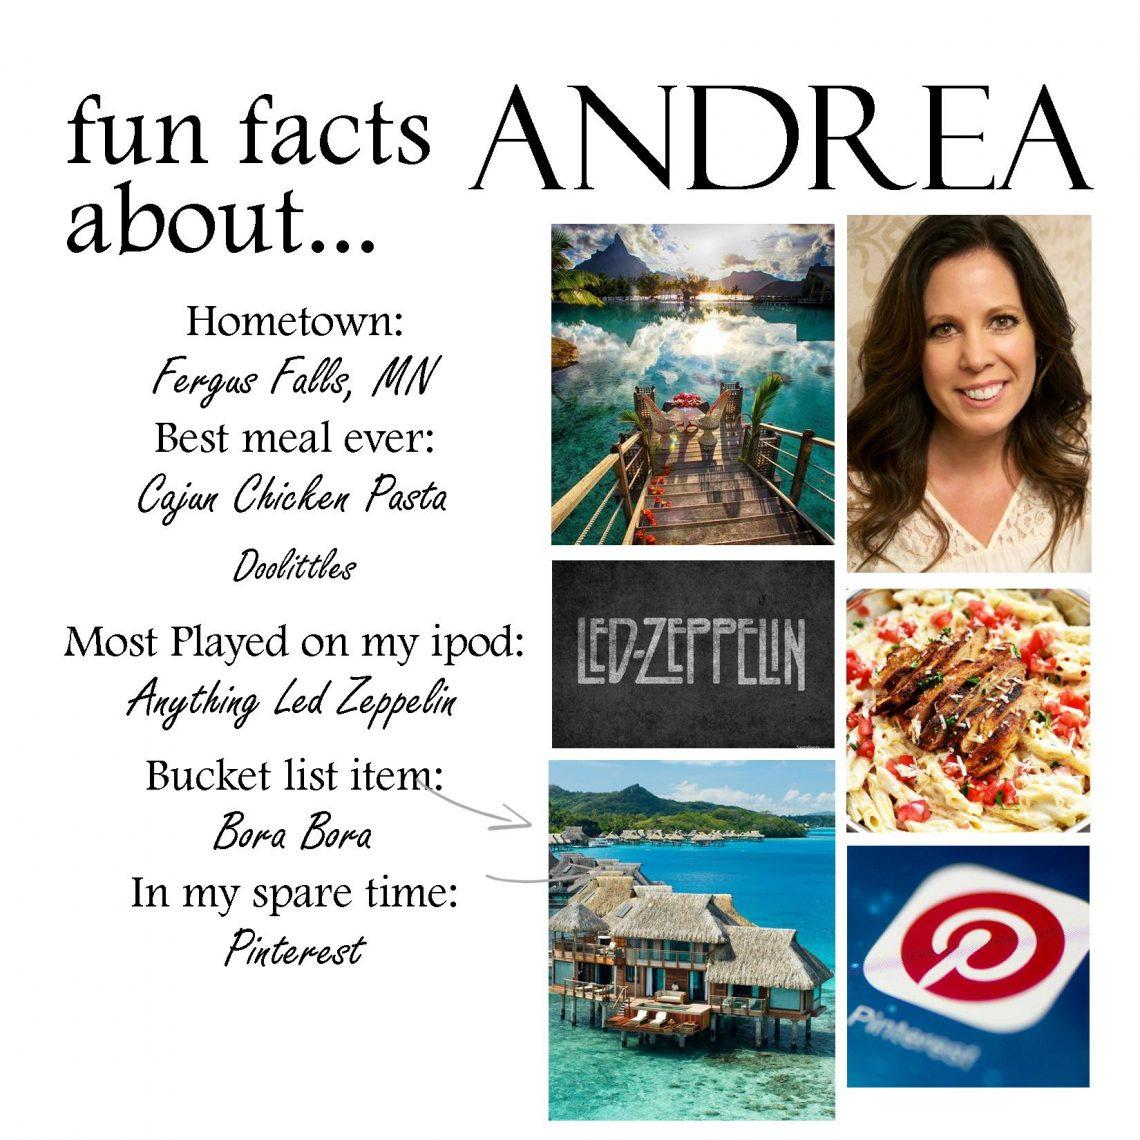 andrea-fun-fact